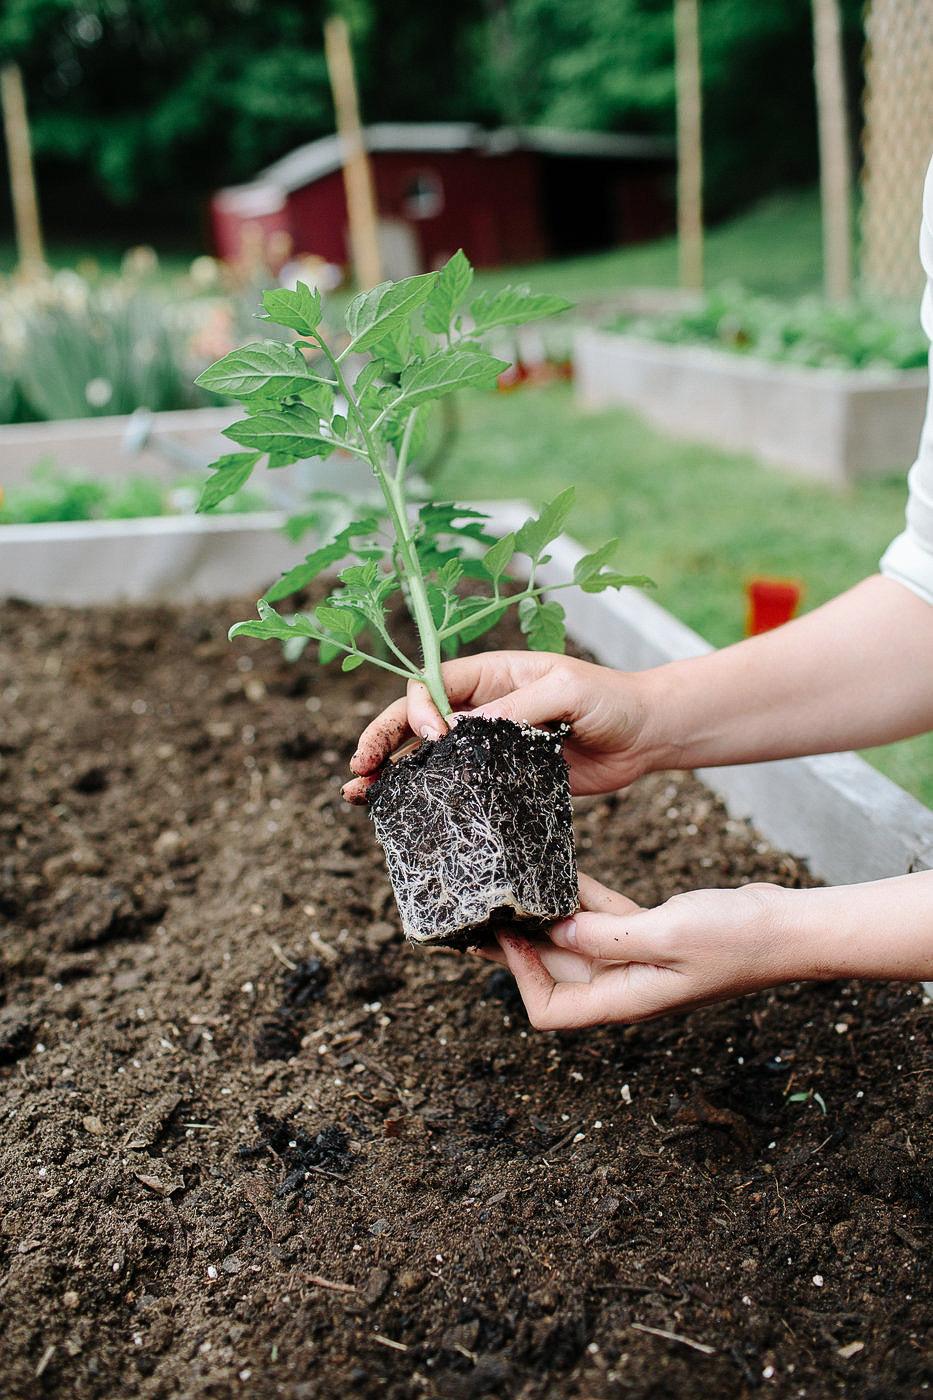 Transplanting Tomatoes for spring garden. Sharing easy vegetable garden tips.